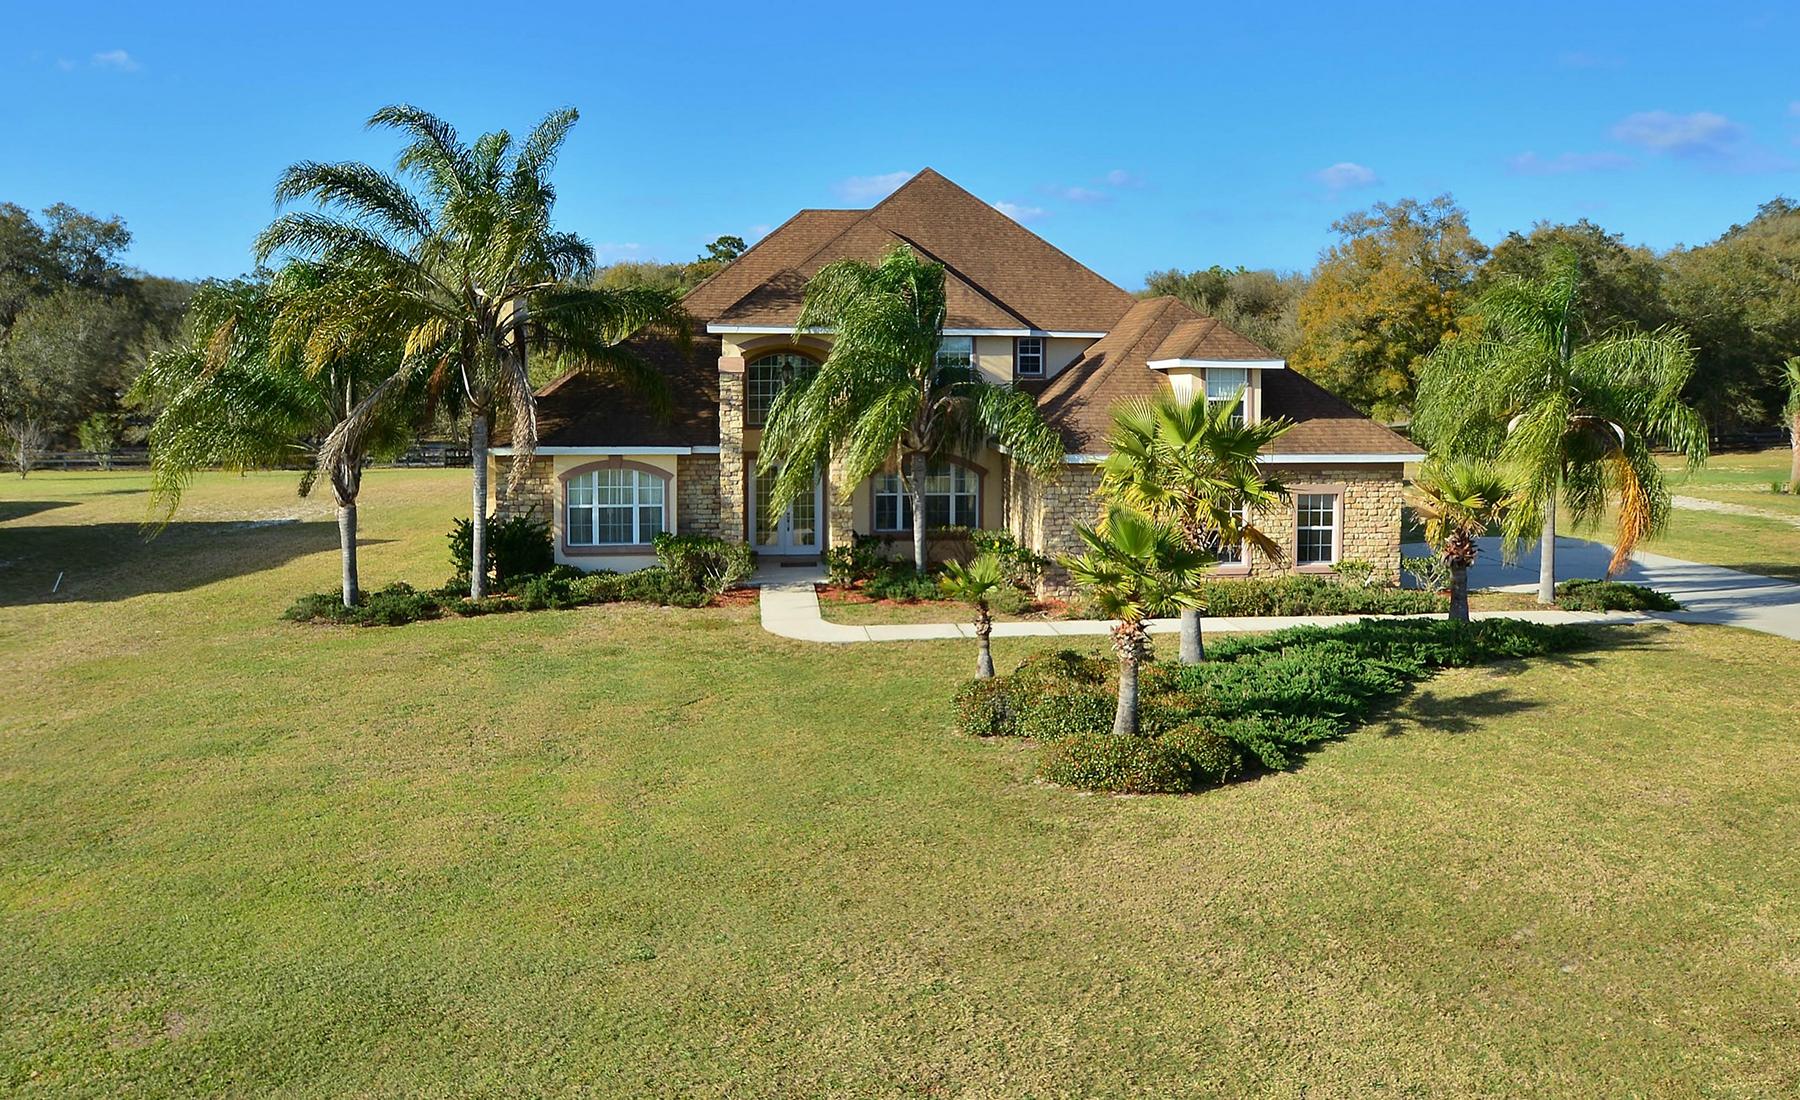 Maison unifamiliale pour l Vente à ORLANDO - DELAND 1421 Shady Meadow Ln Deland, Florida, 32724 États-Unis